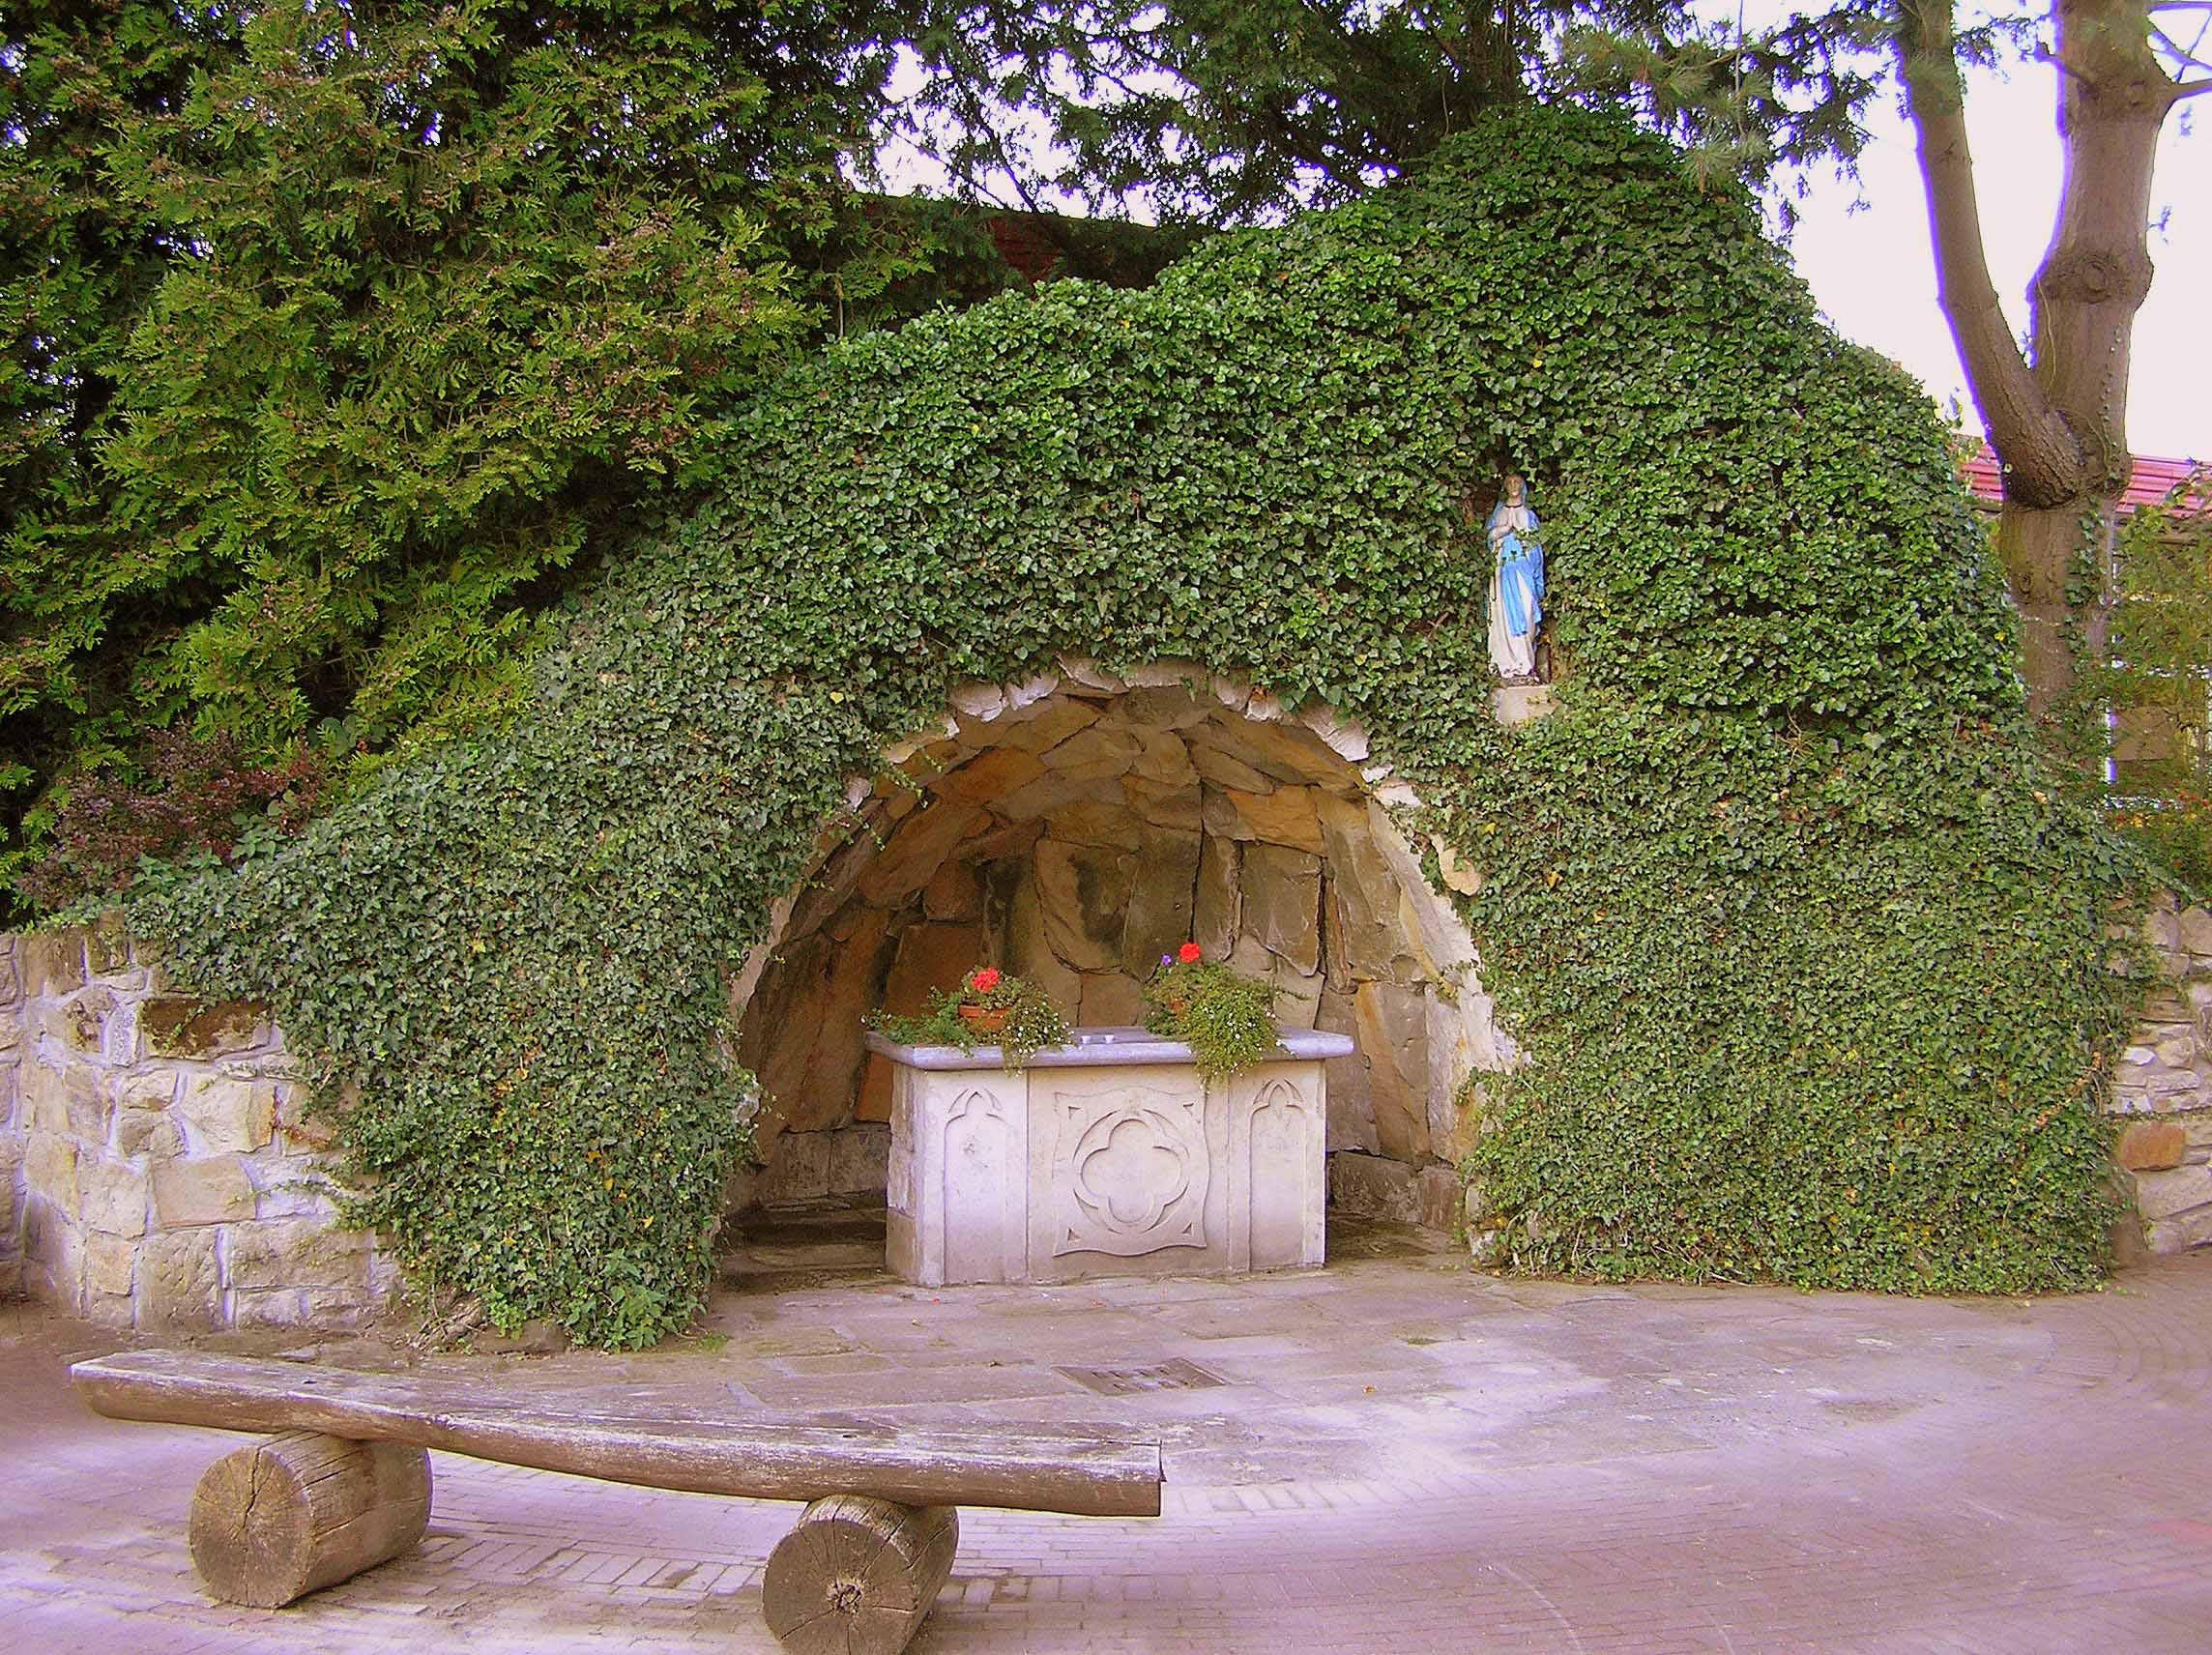 41. Lourdesgrot bij kerkhof aan de Plechelmusstraat in De Lutte